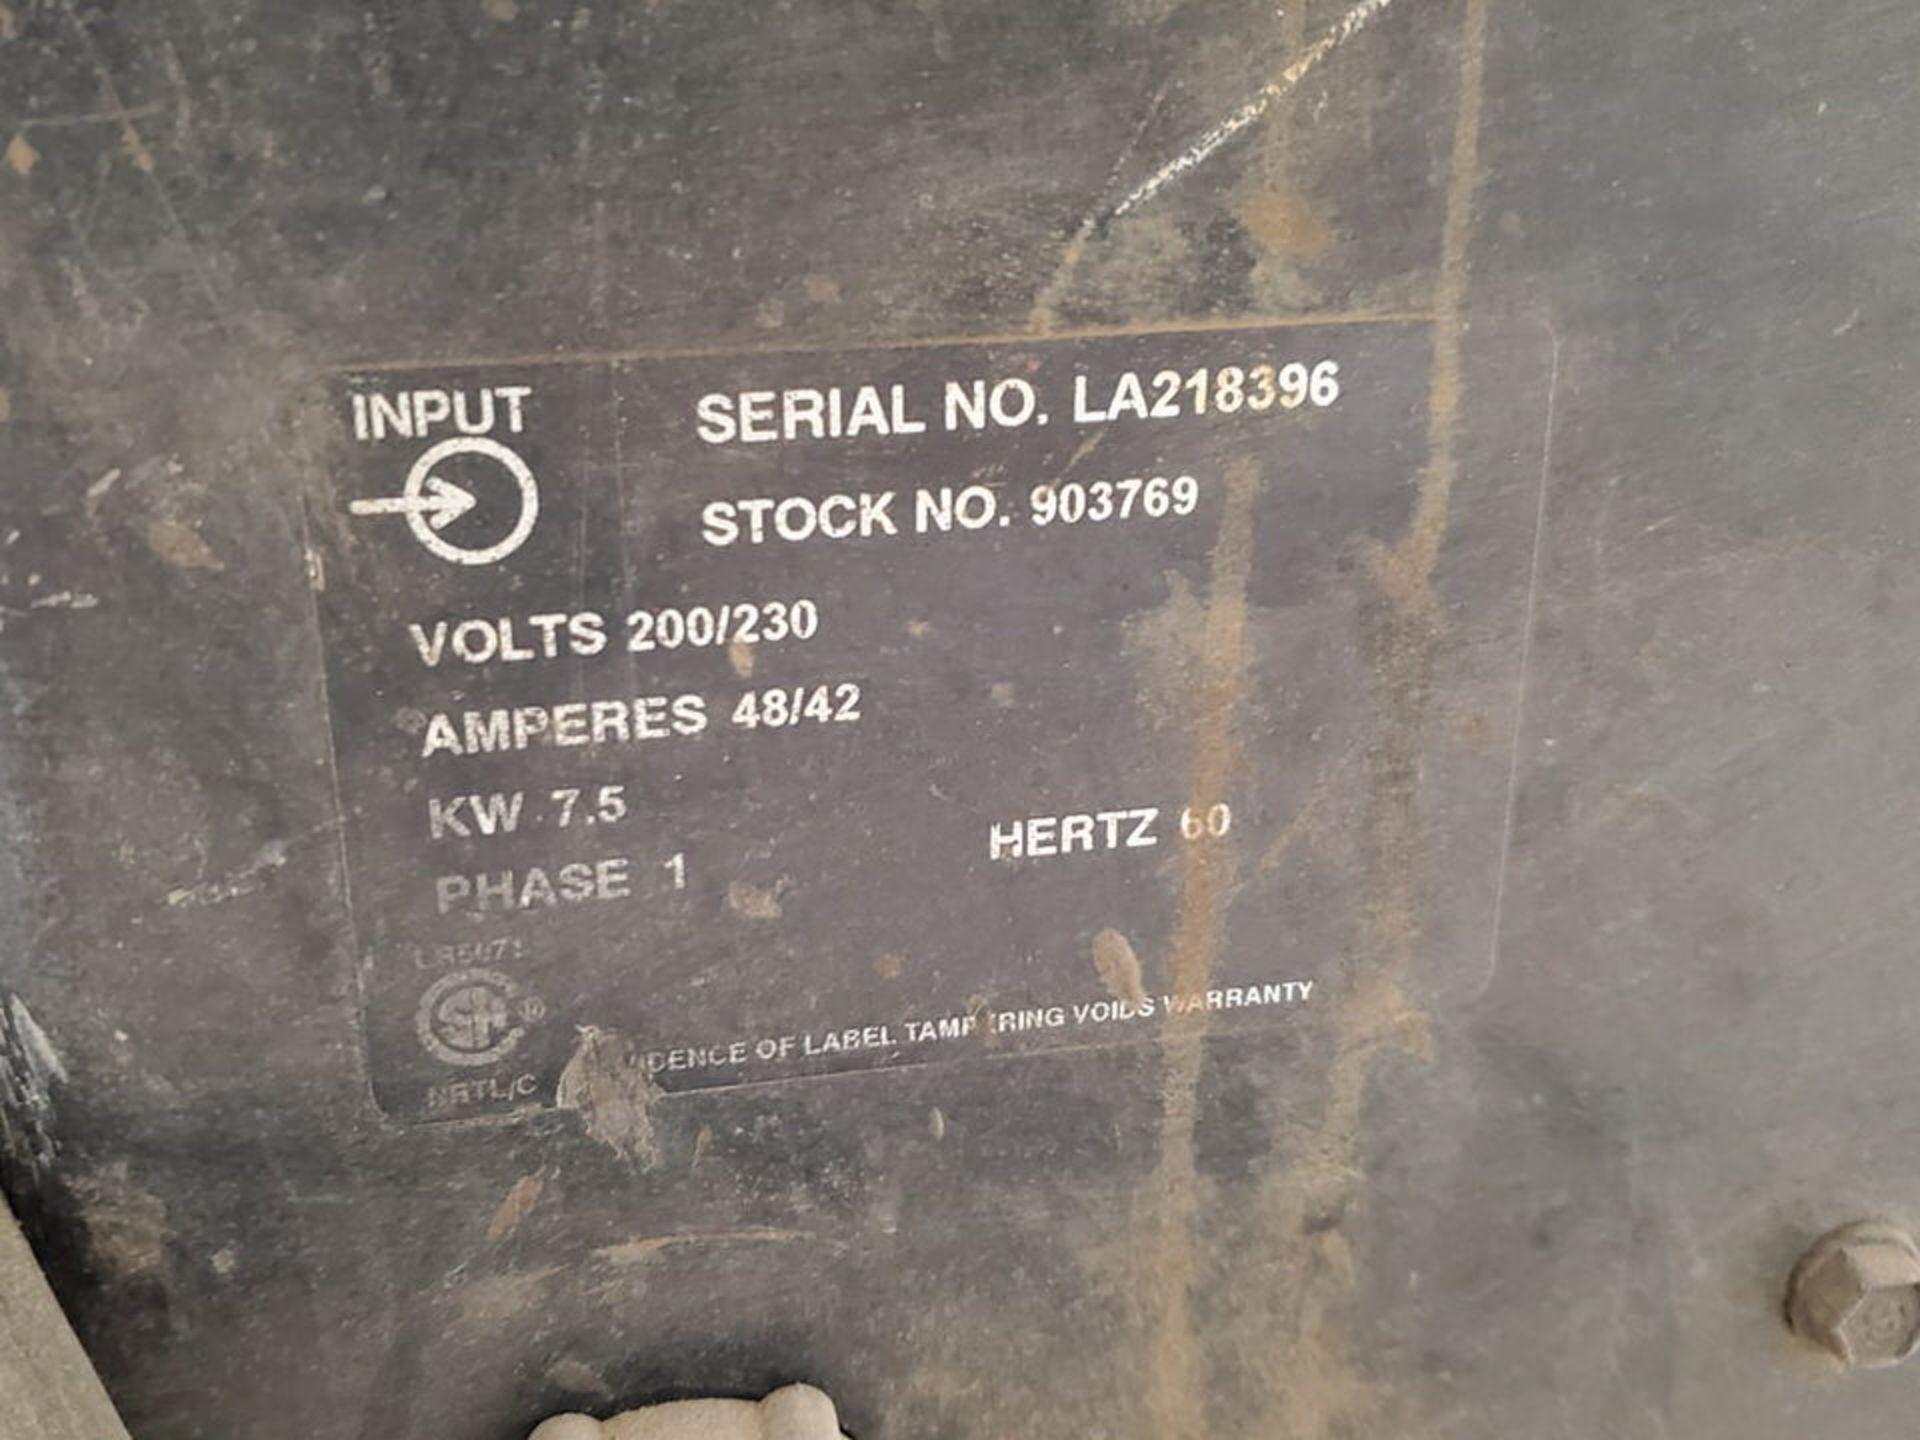 Miller Millermatic 250 Plasma Cutter 200/230V, 48/42A, 1PH, 60HZ - Image 7 of 7